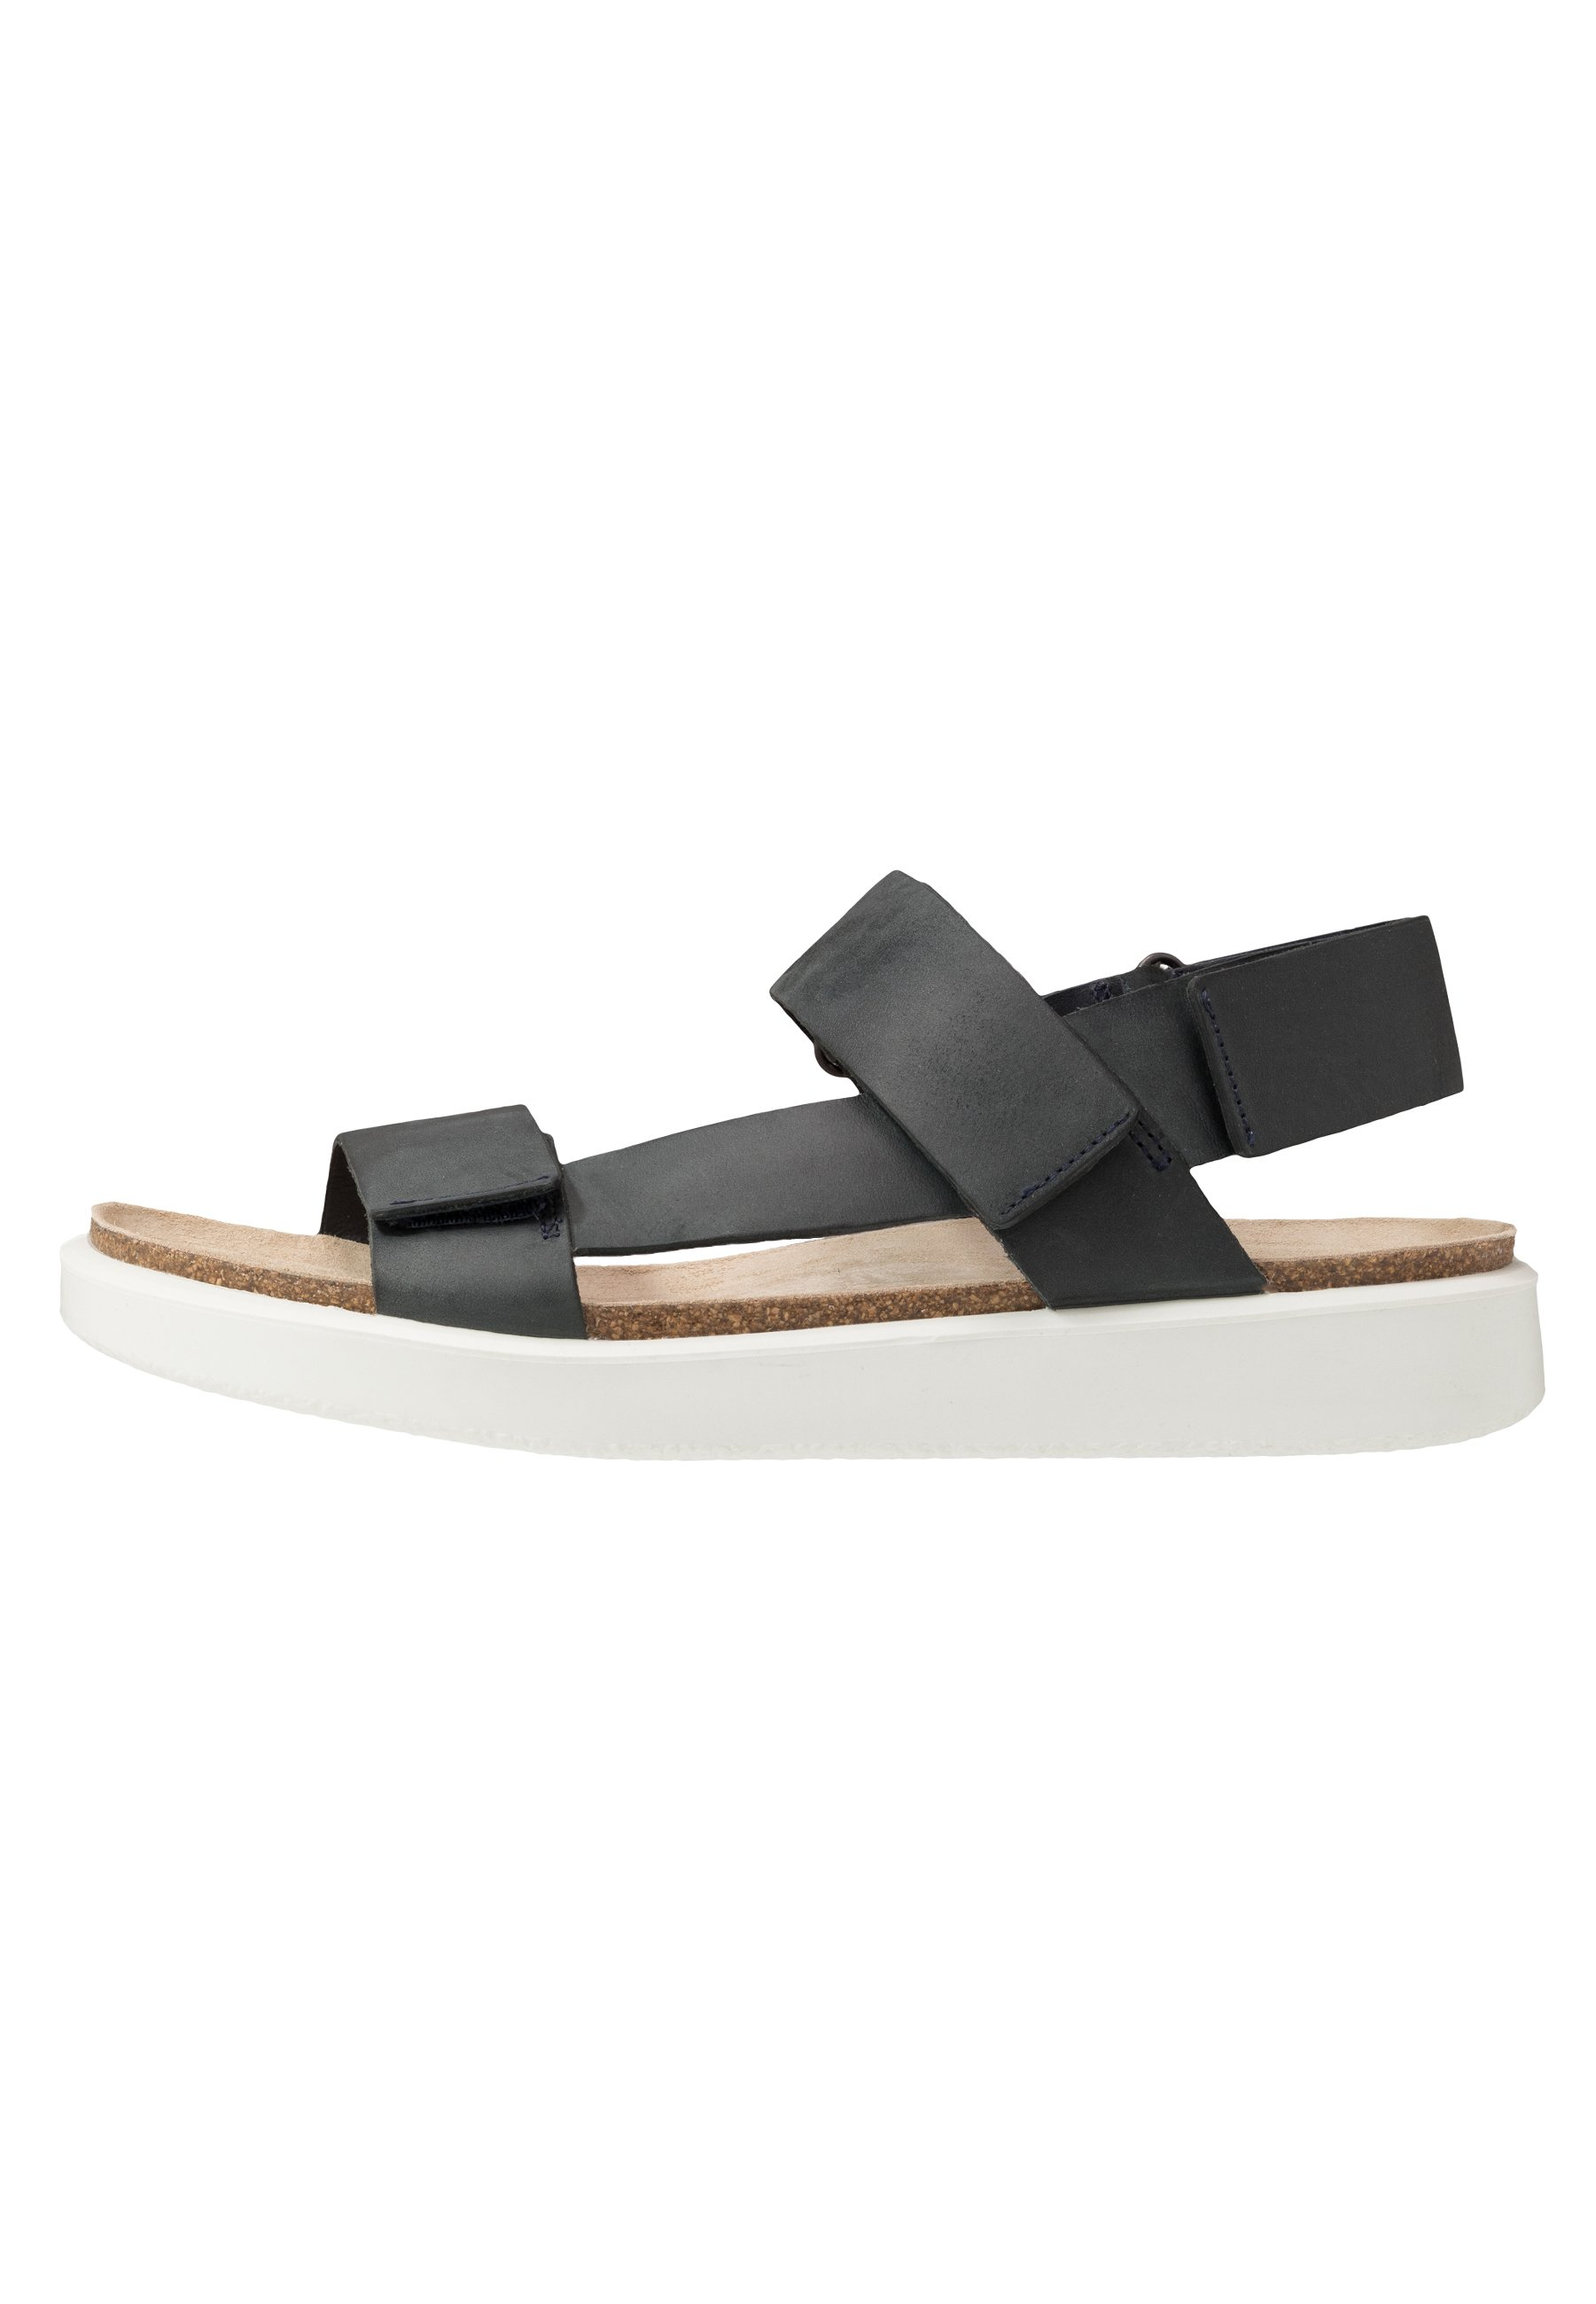 Sandali da uomo ECCO | La collezione su Zalando